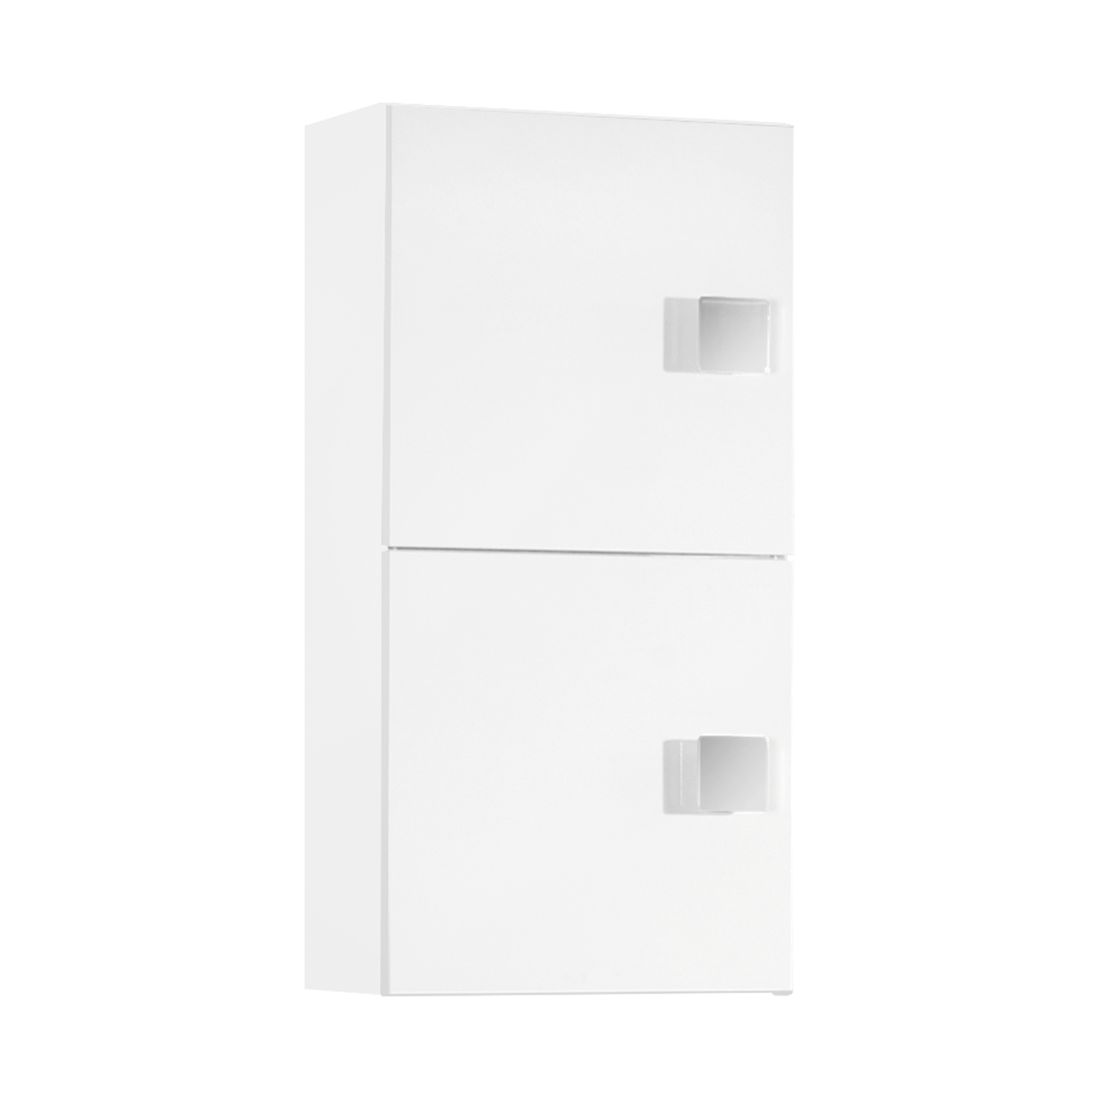 Hangkast Genf   glanzend wit wit   2 deurs_ Schildmeyer